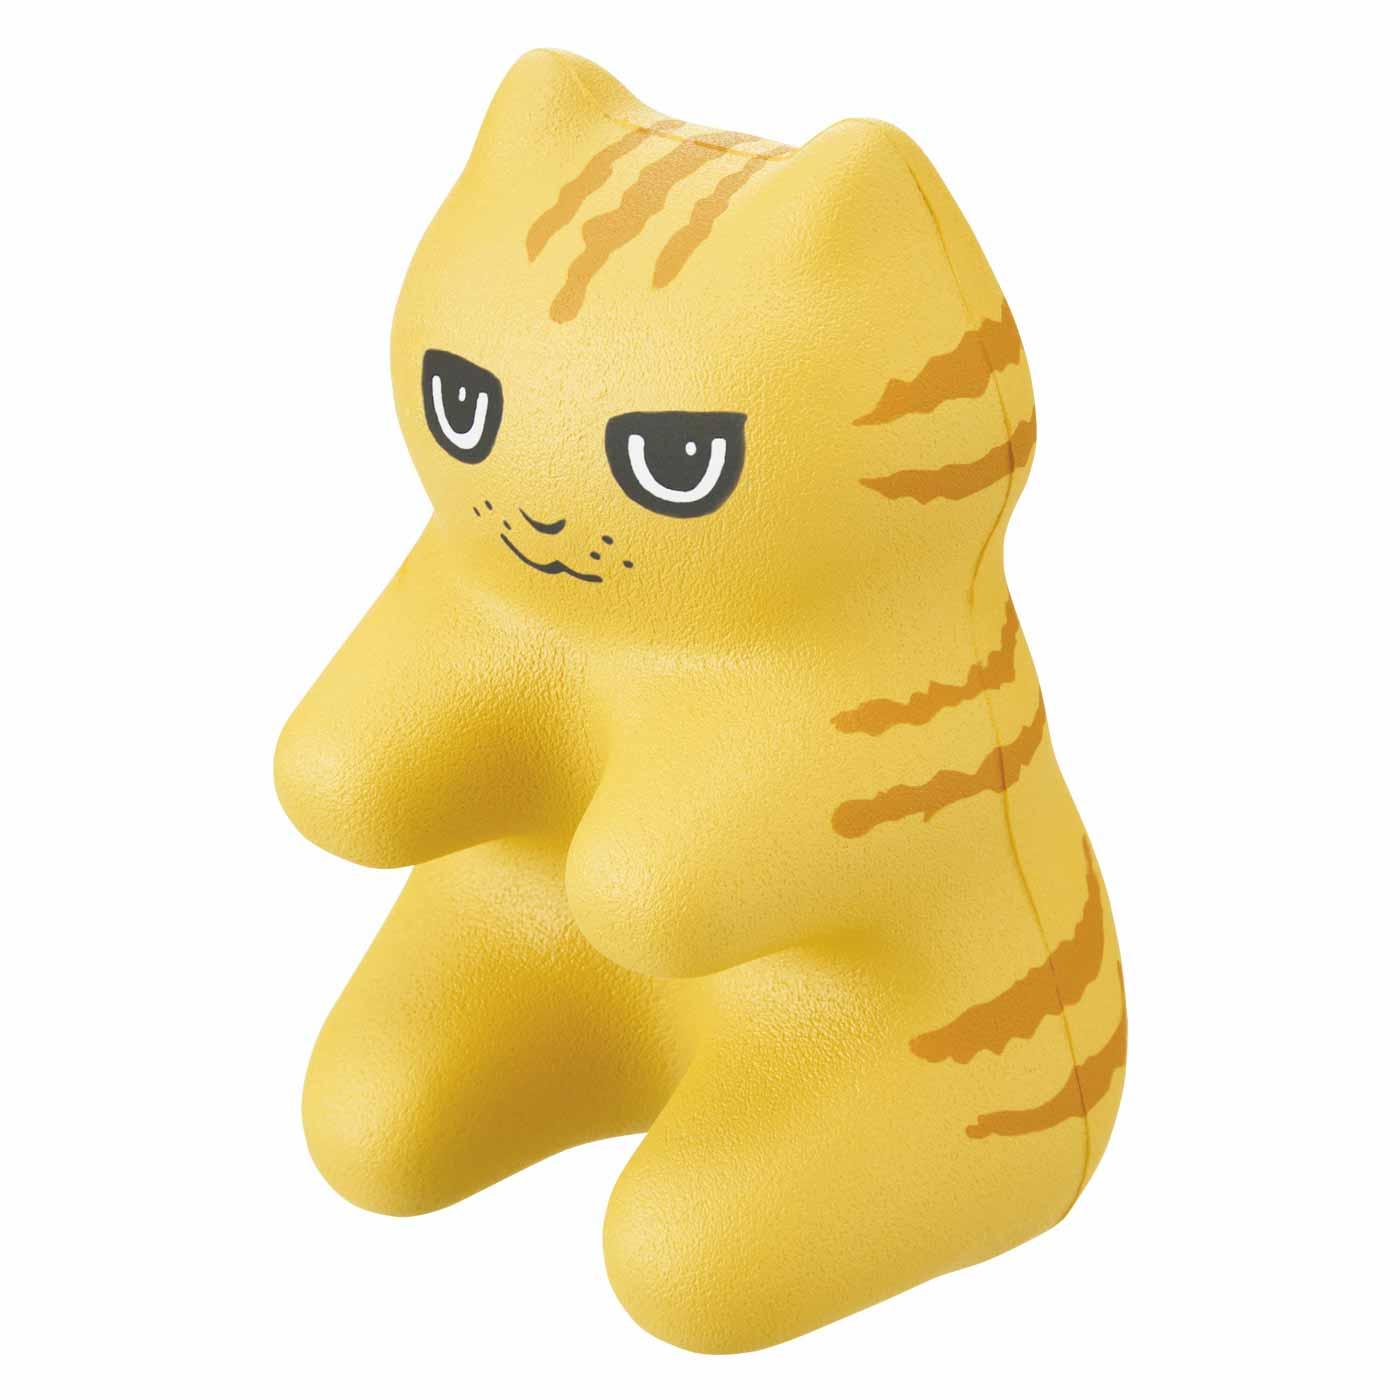 フェリシモ 猫の手も借りたい凝りに 猫型指圧代用器